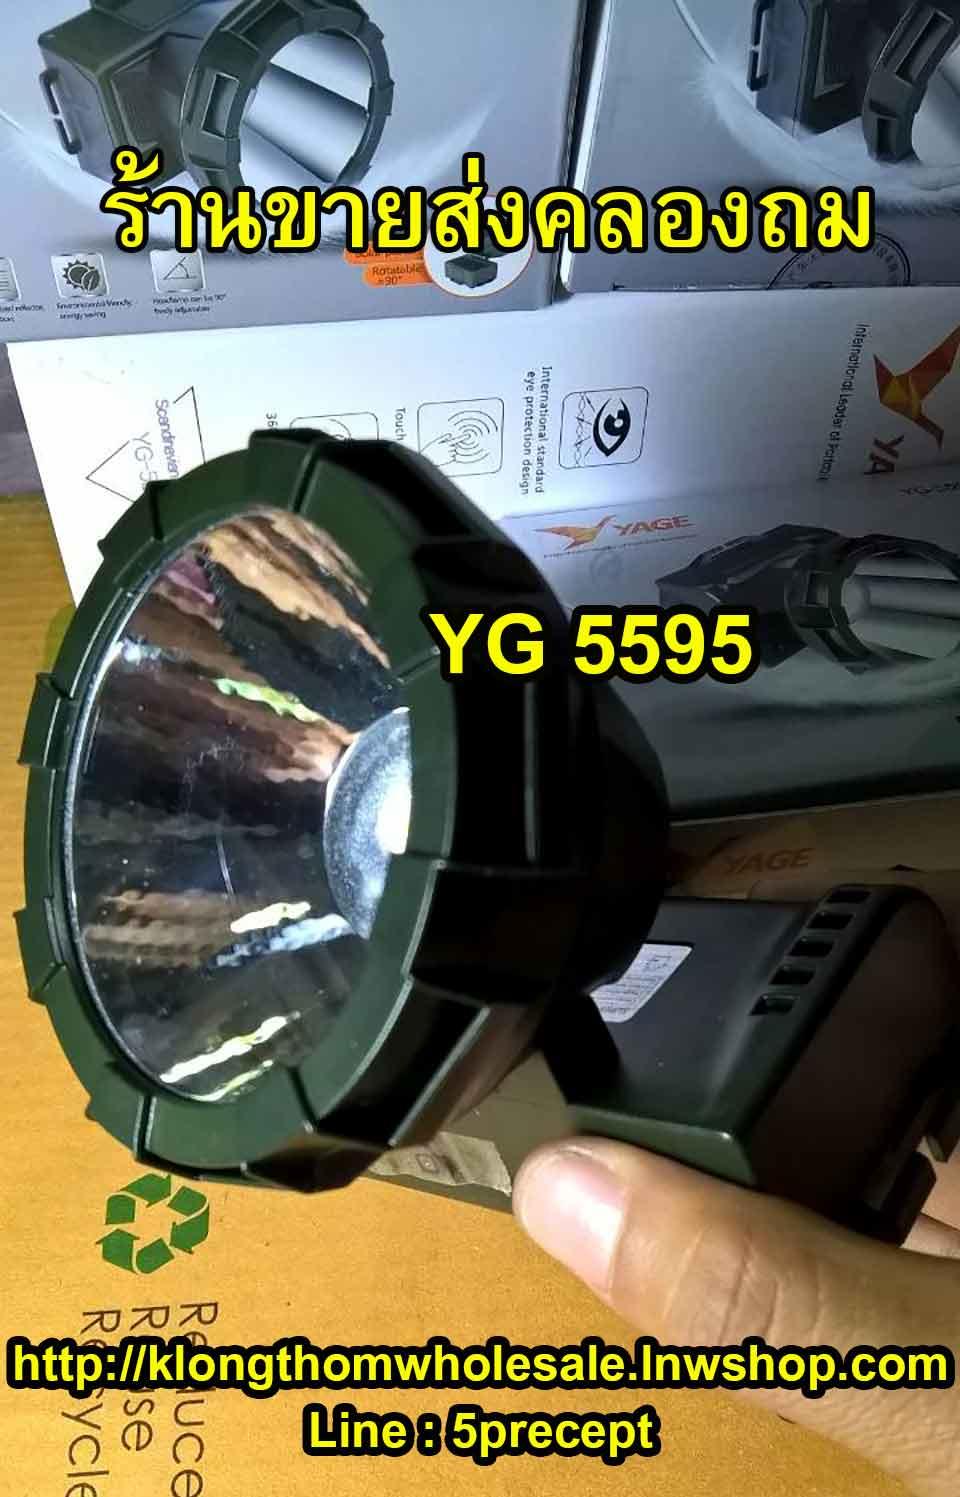 ไฟคาดหัว YG5595 LEDรุ่นใหม่ 2W Super Light Weight